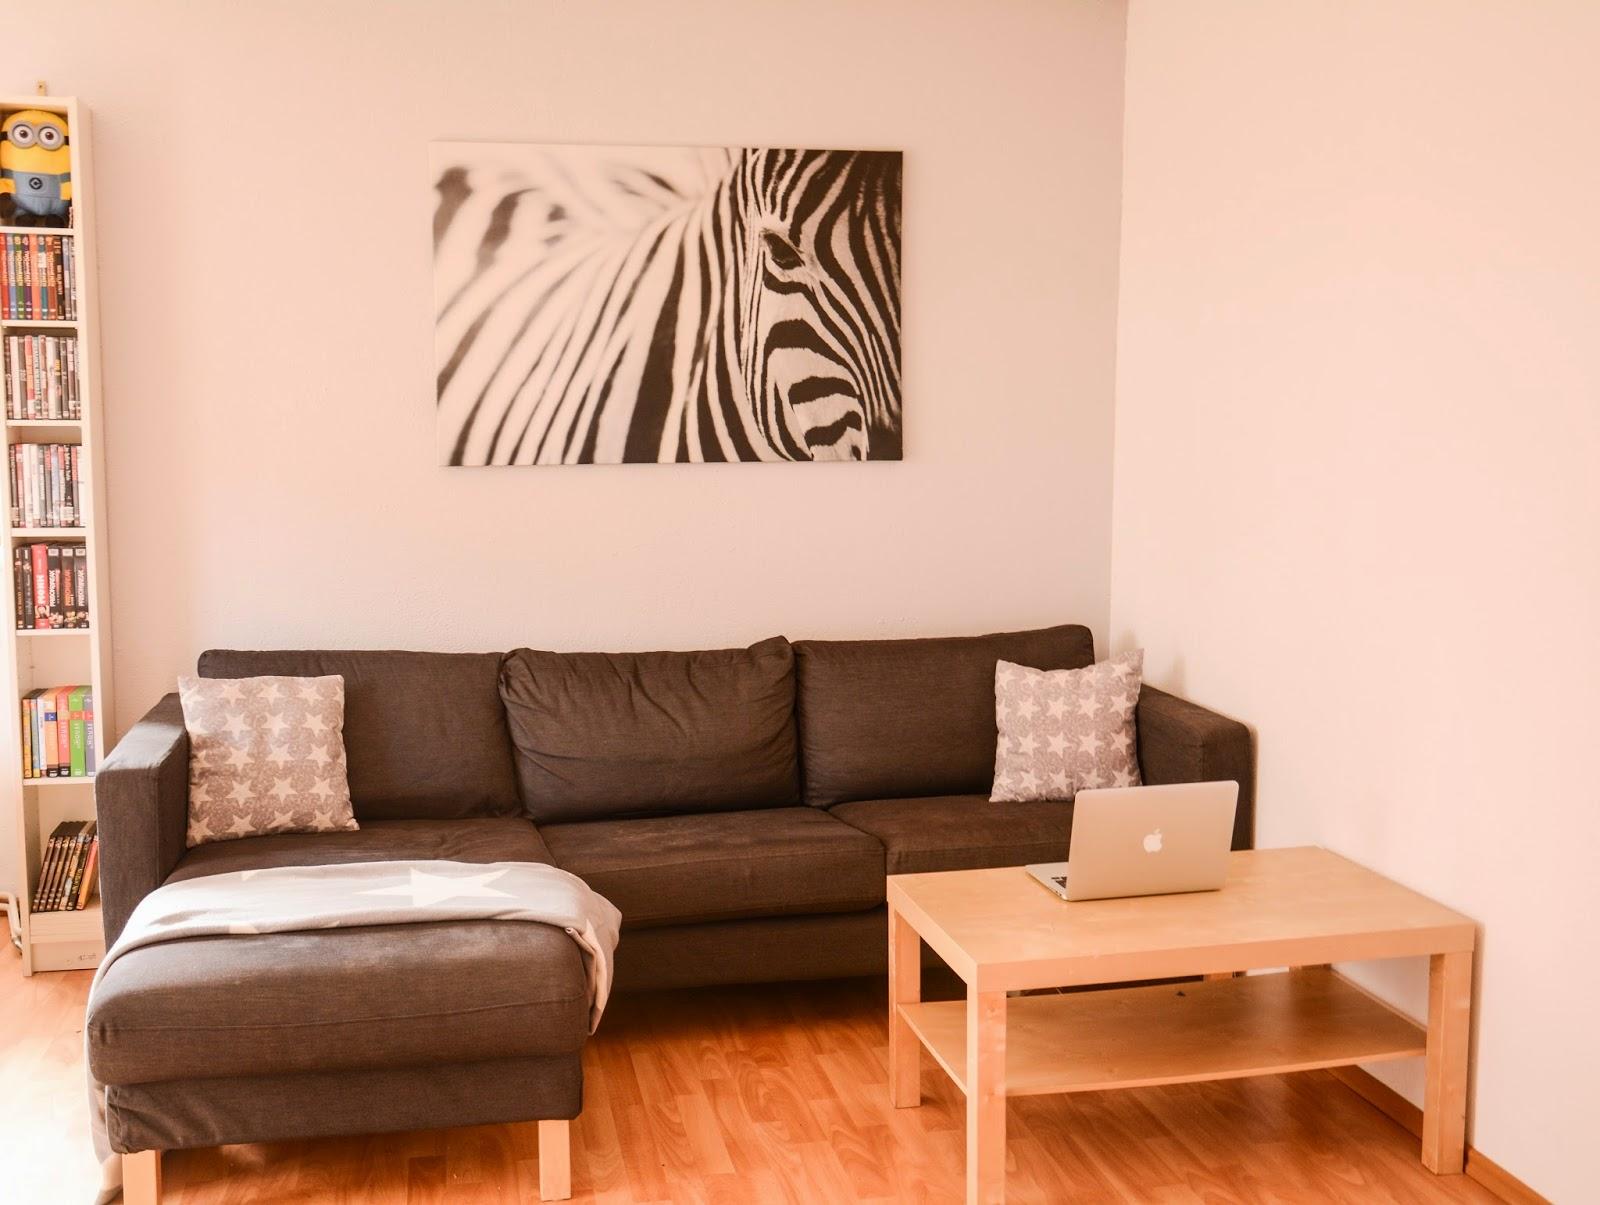 Stadtkind design: unser wohnzimmer